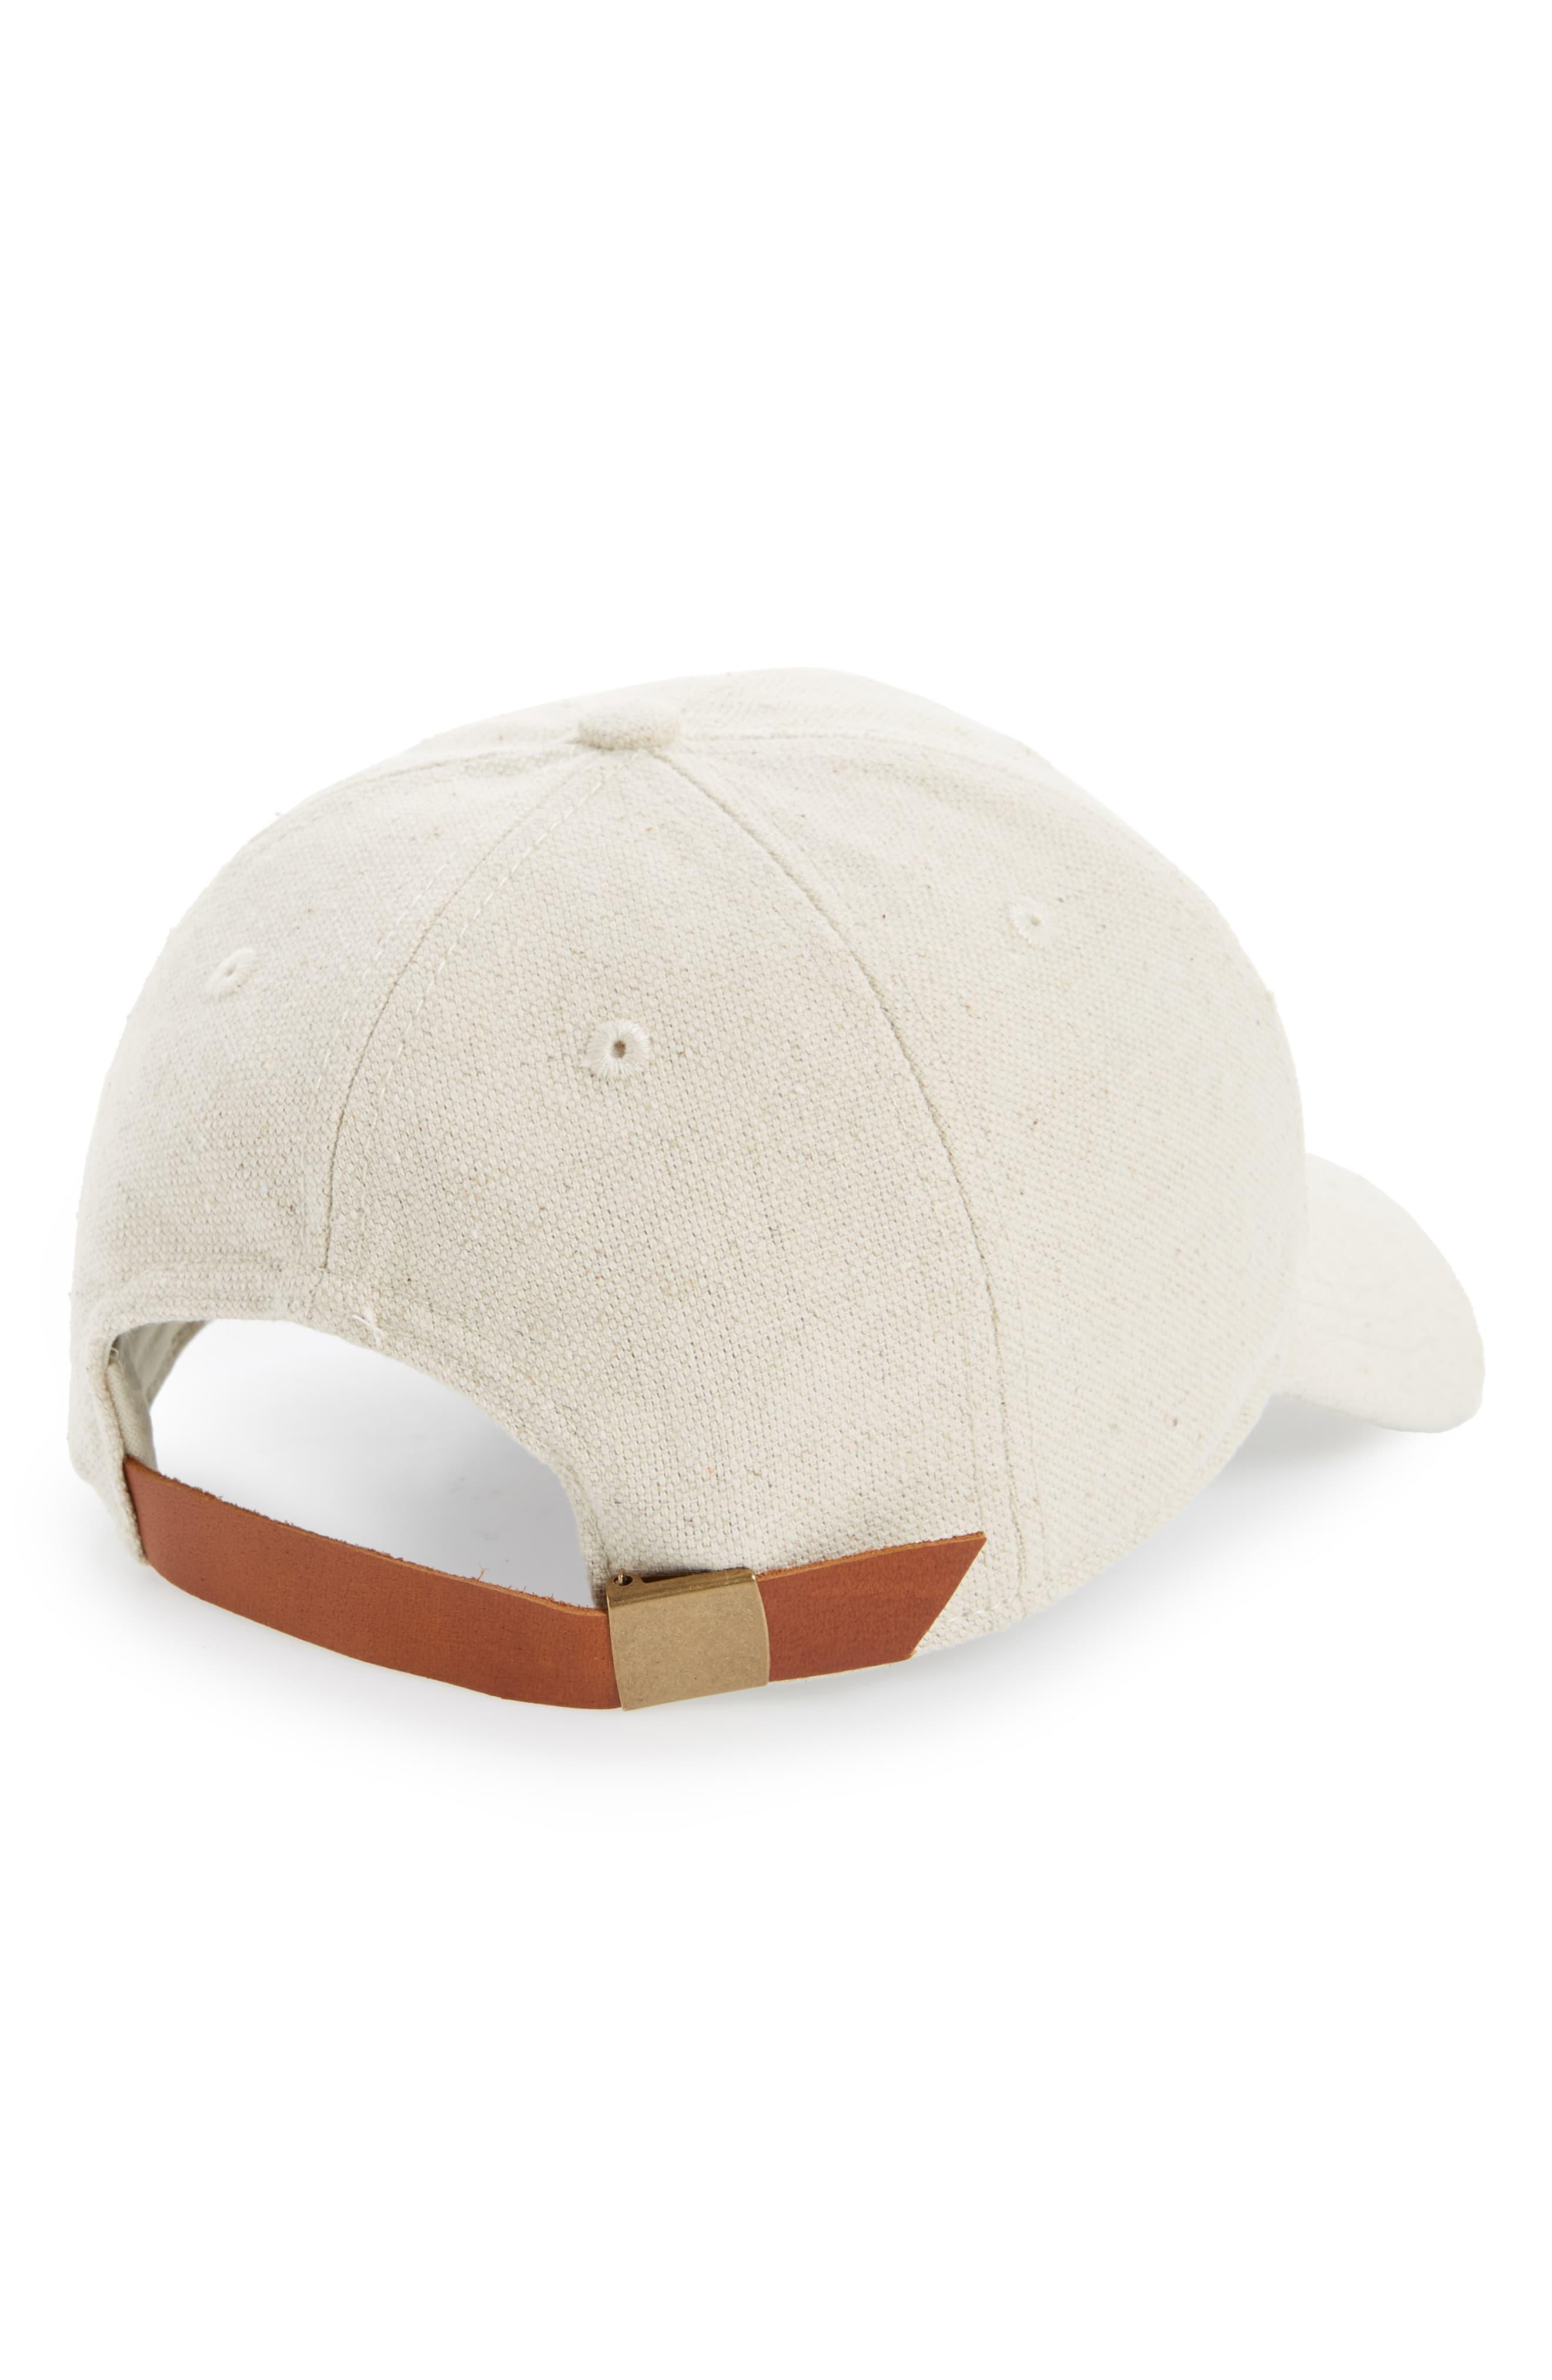 24fb40b4 Lyst - Madewell Cotton & Linen Baseball Cap